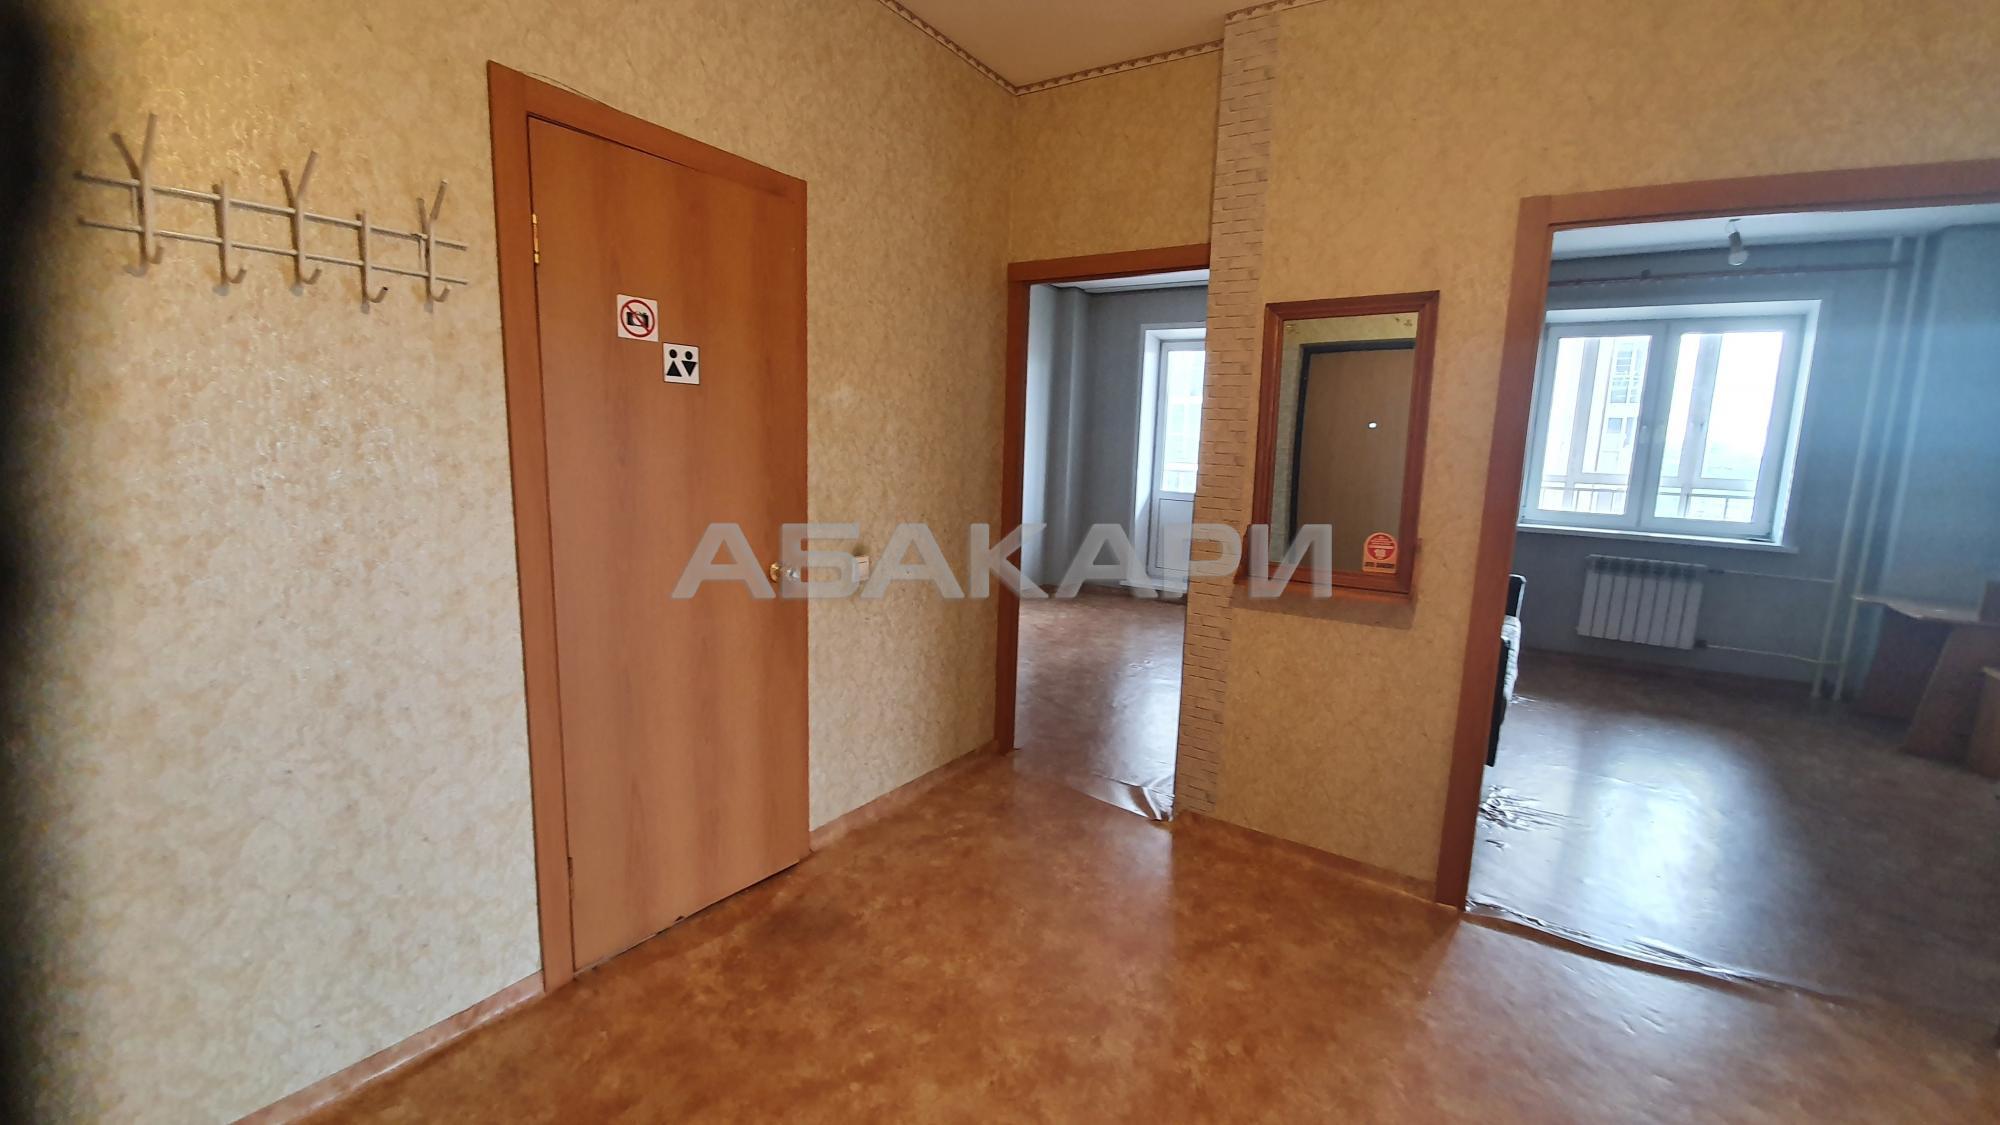 3к квартира улица Калинина, 47И   18000   аренда в Красноярске фото 0